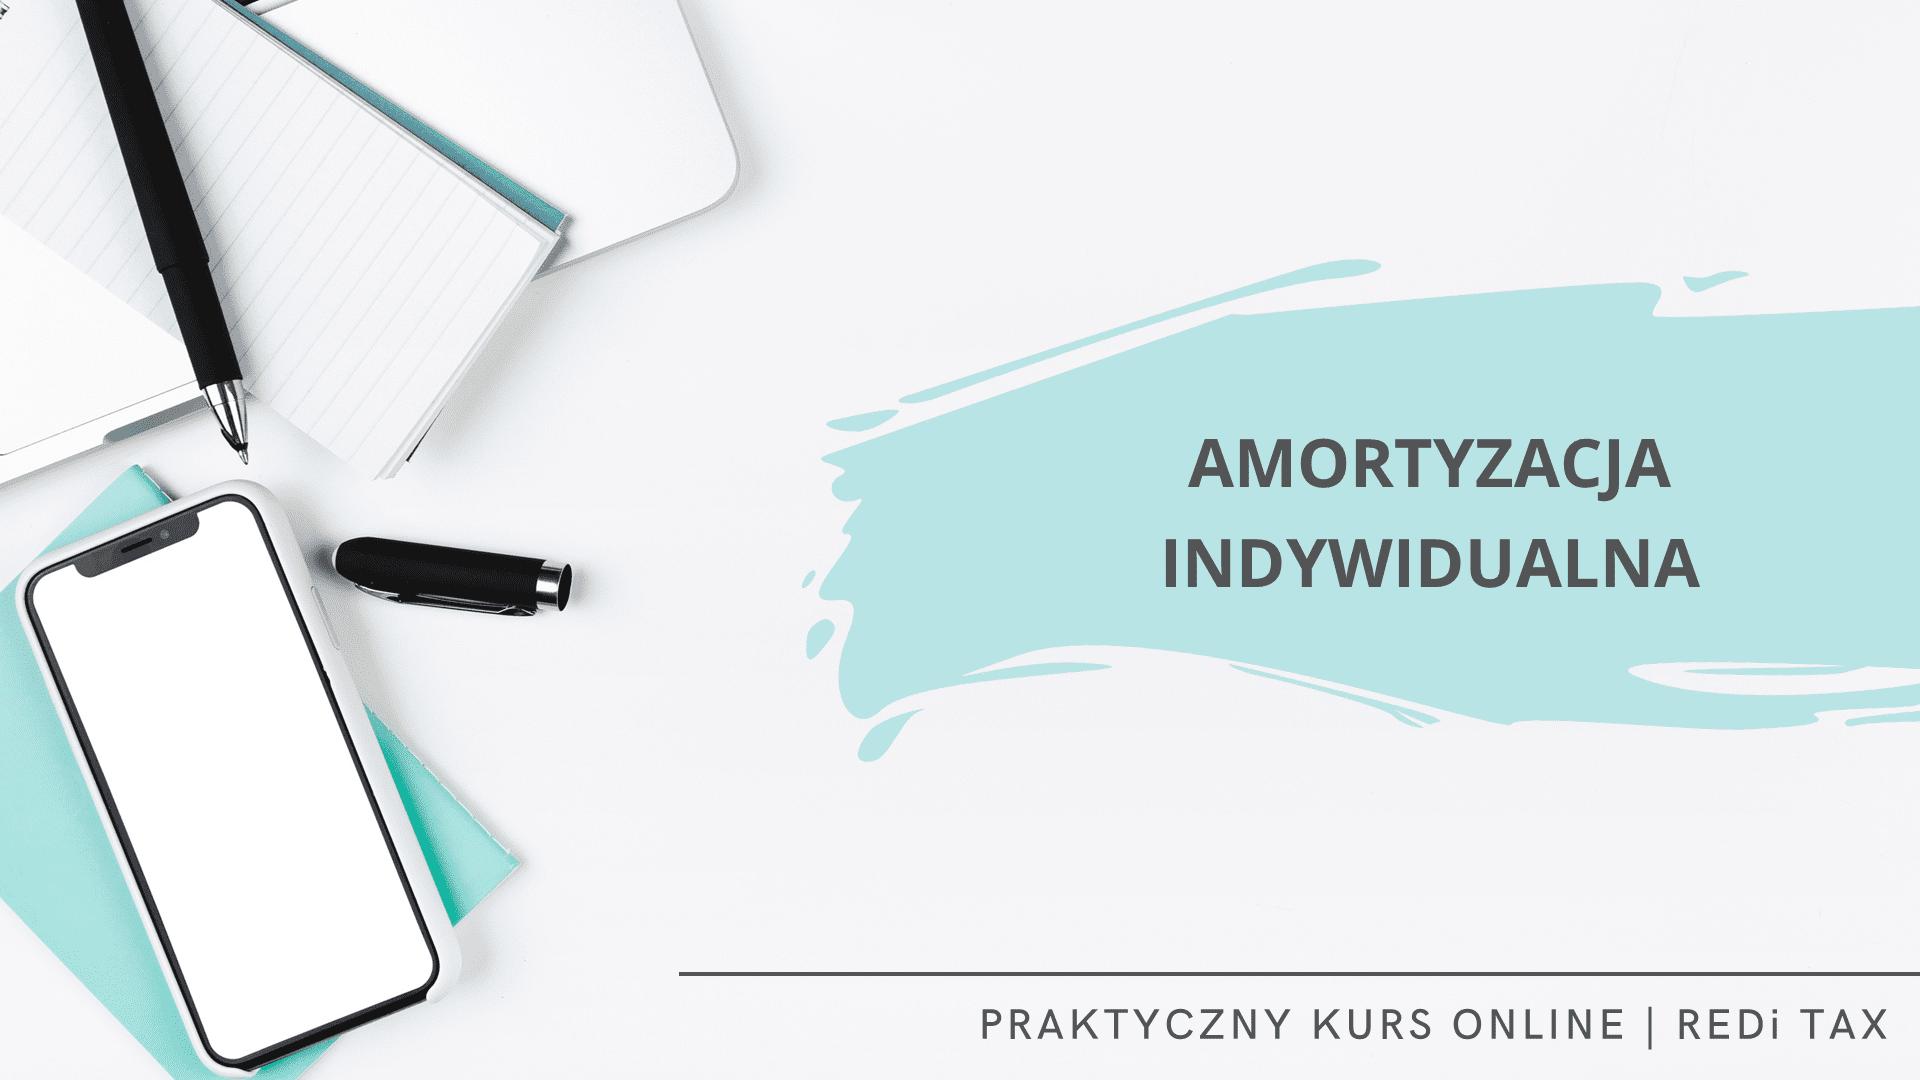 Amortyzacja indywidualna